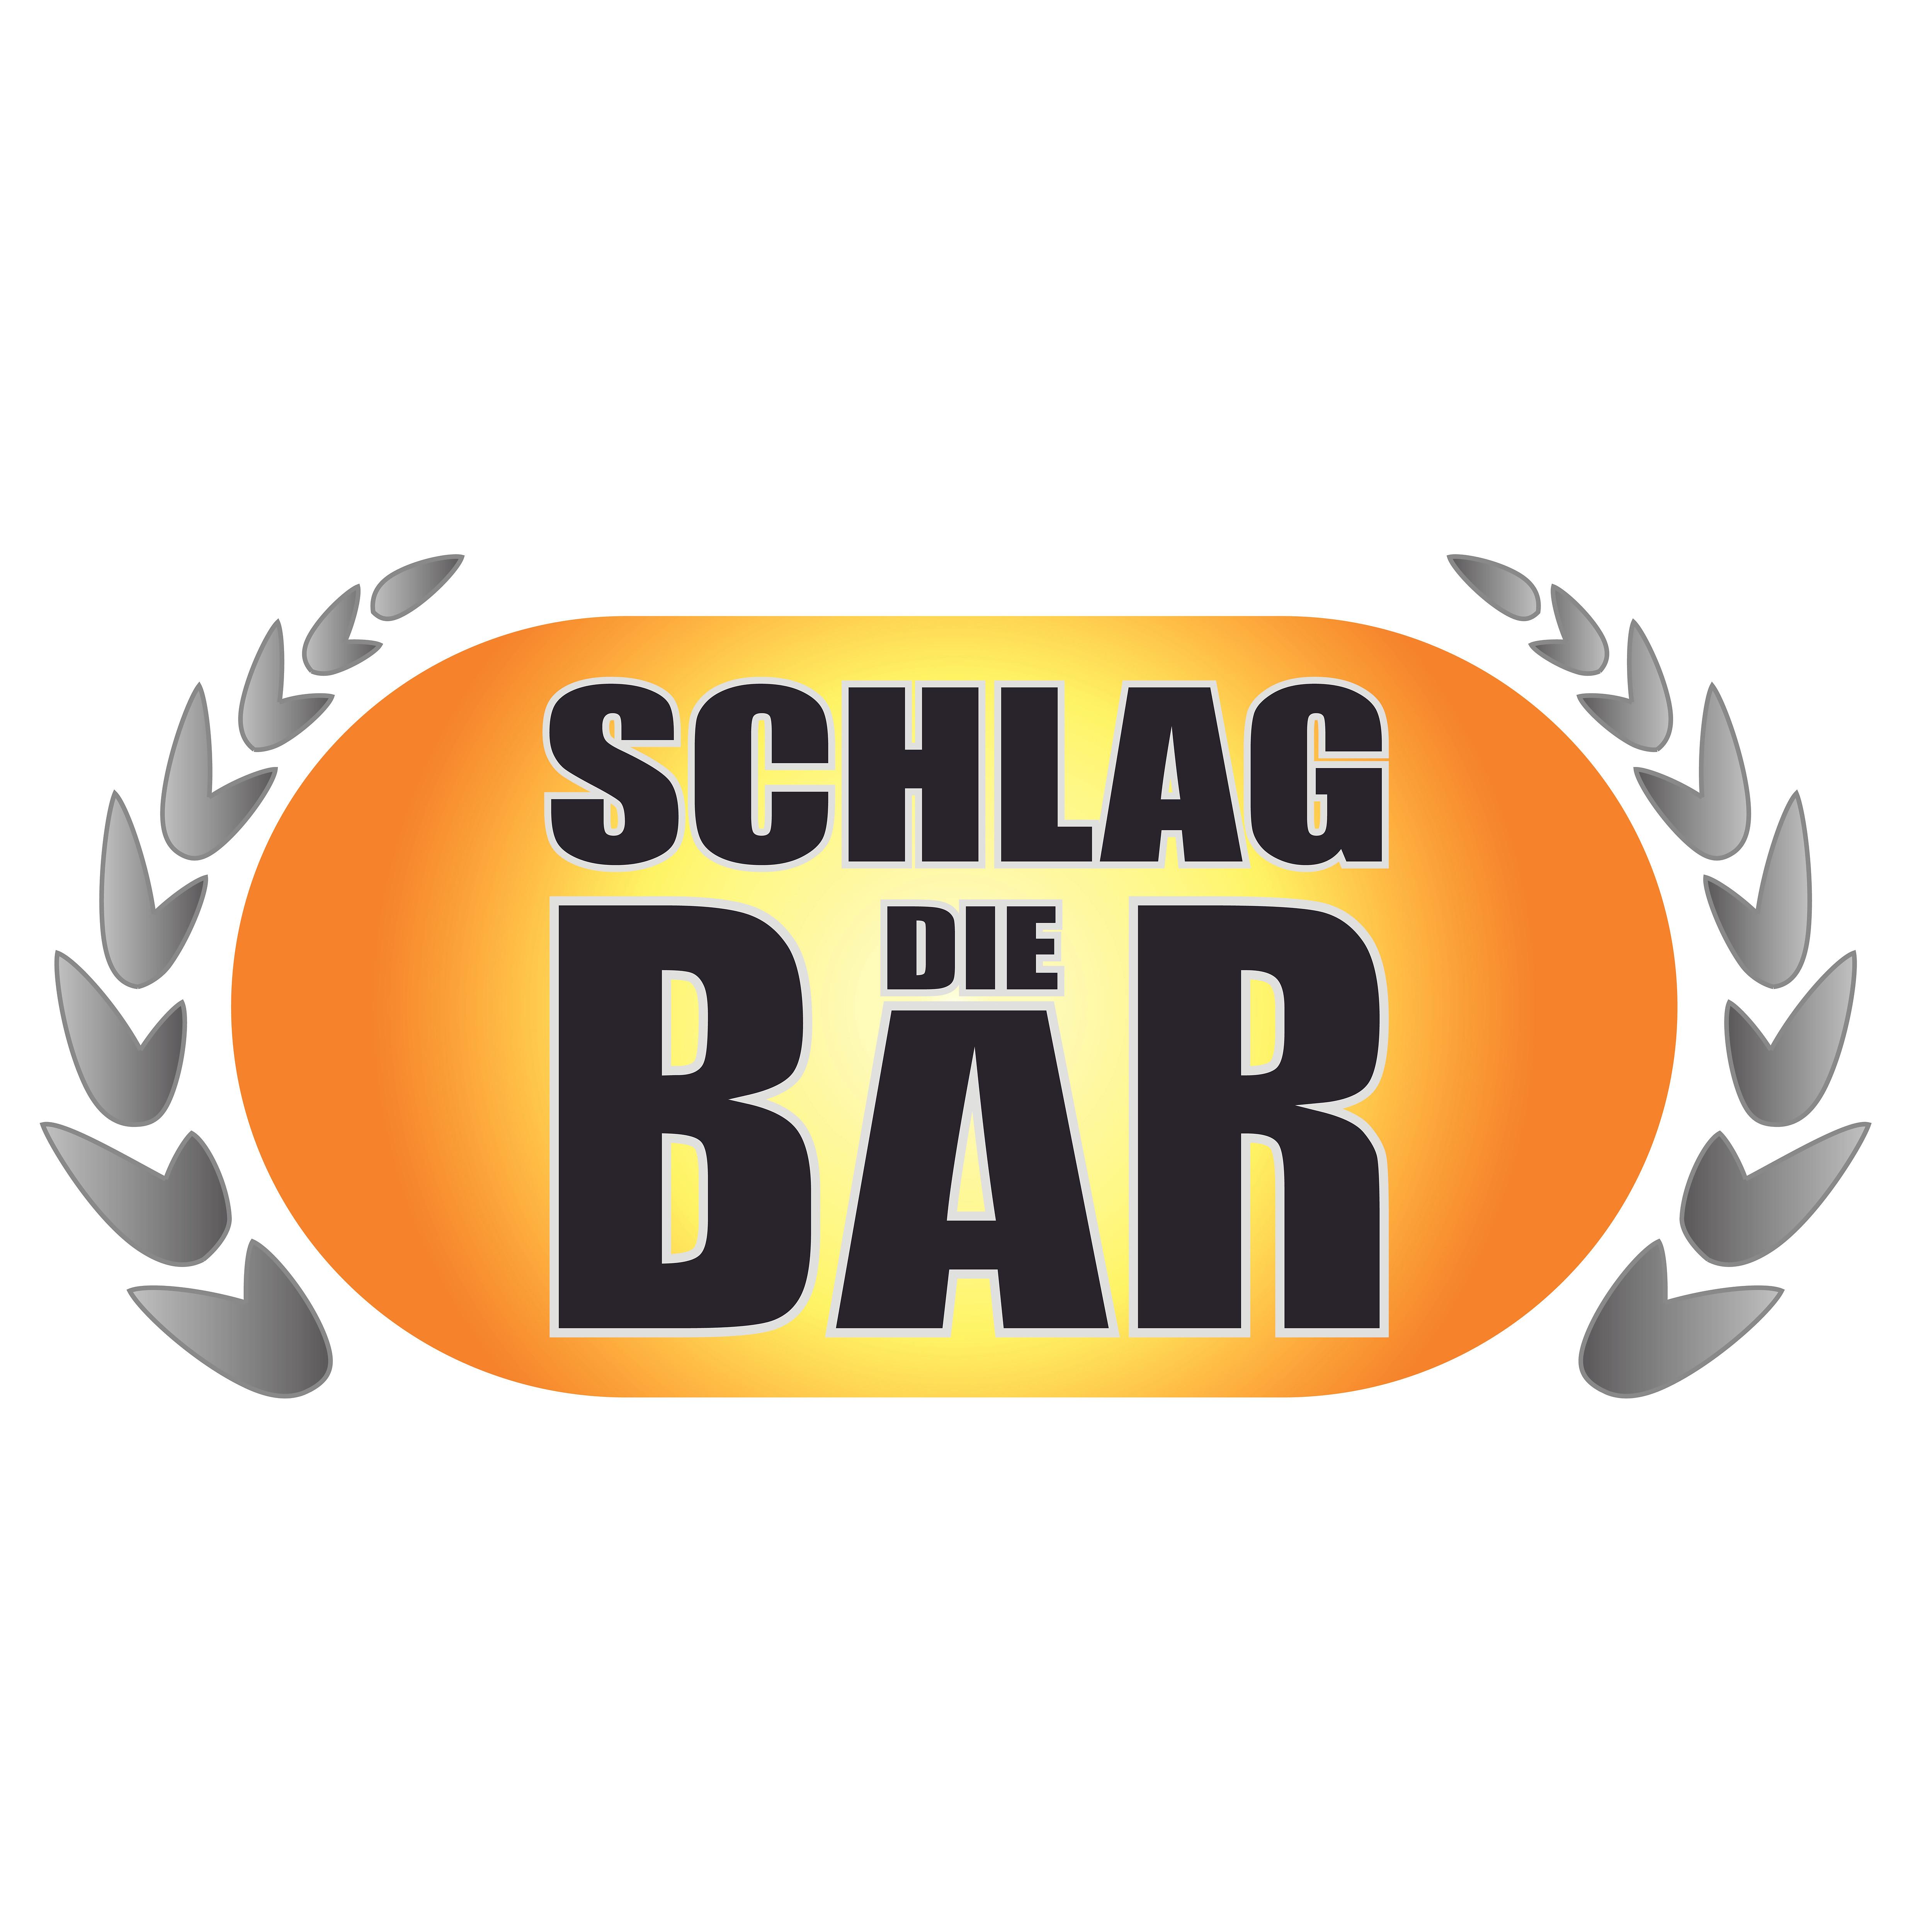 Schlag die Bar